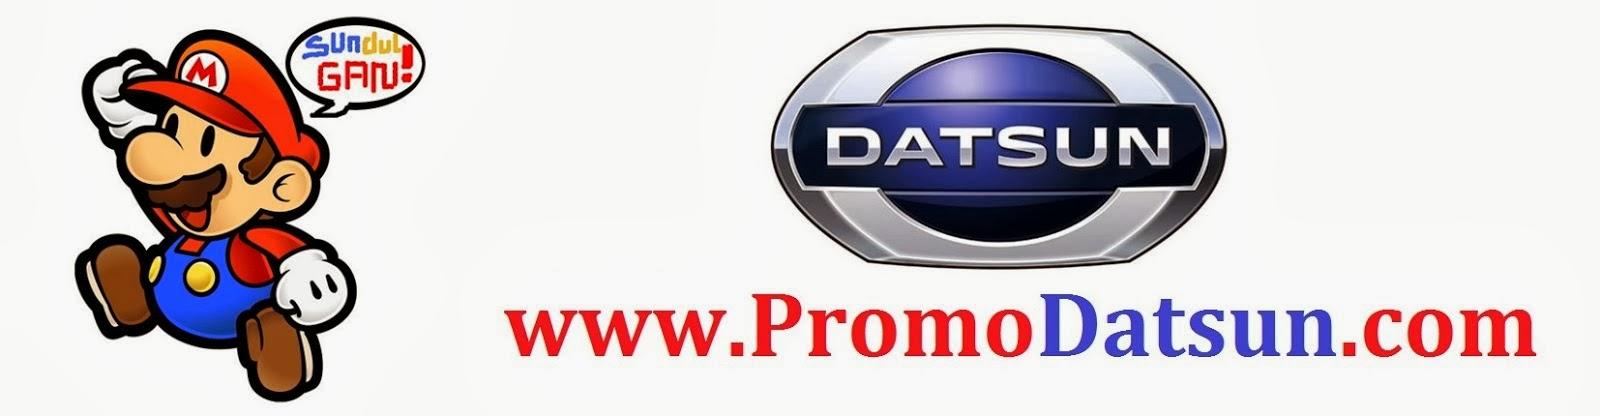 Promo Datsun